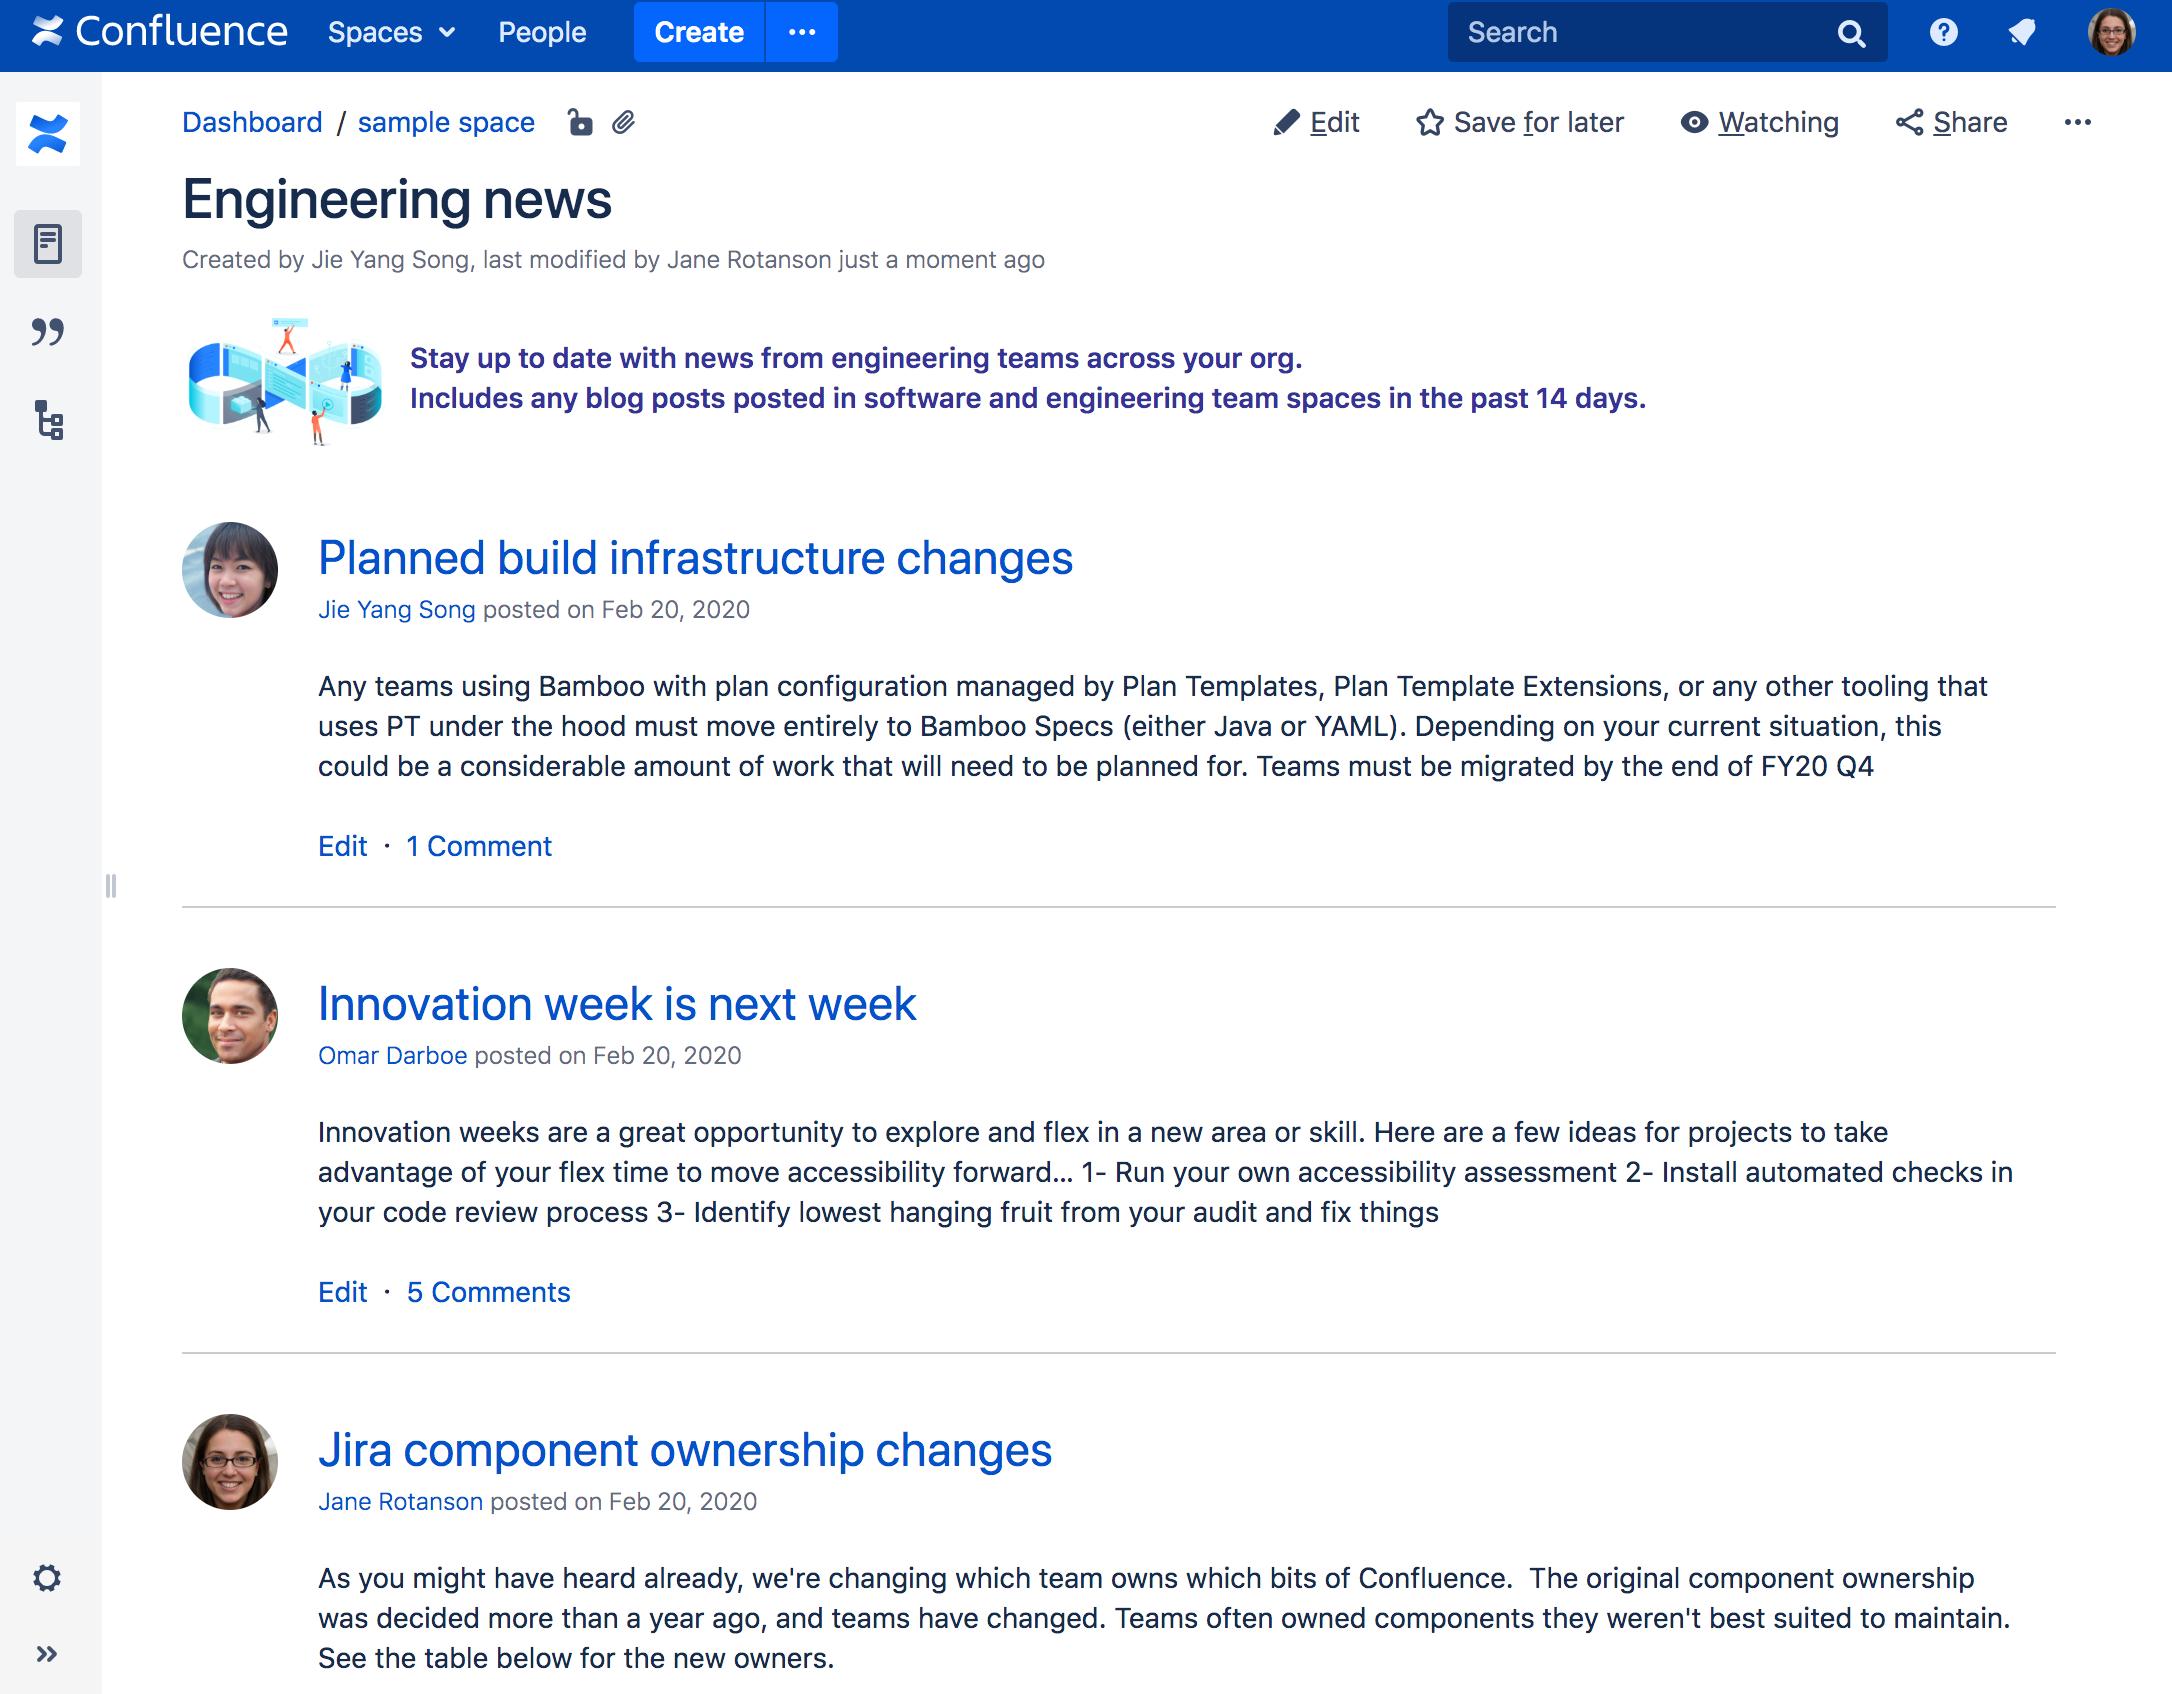 ページでのブログ投稿マクロのスクリーンショット。3 つのブログ投稿が一覧表示され、クリック可能なタイトルの下にブログの コンテンツの短い抜粋があります。